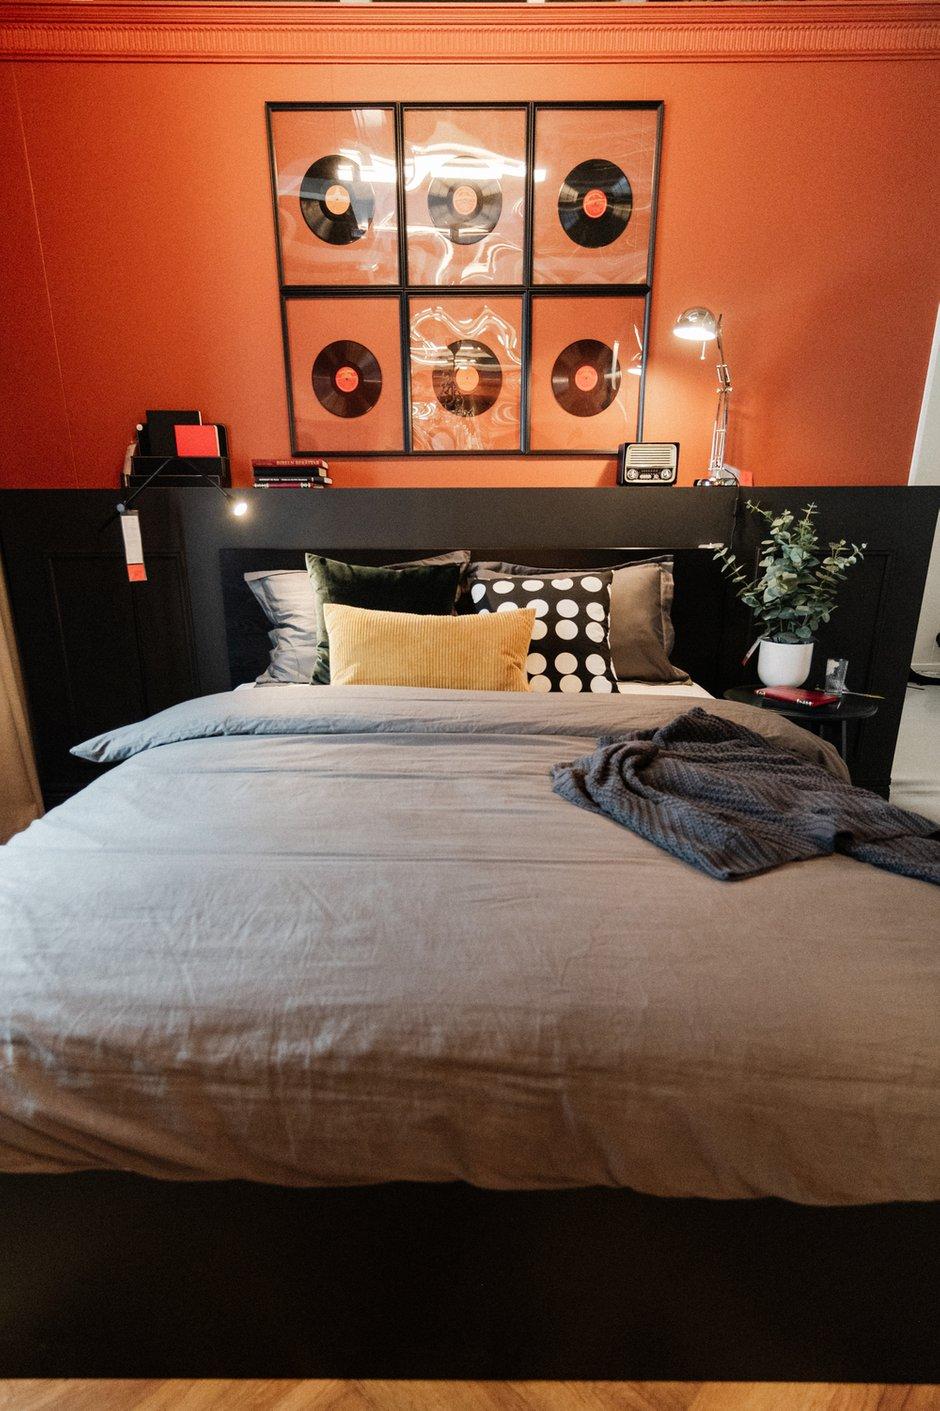 Фотография:  в стиле , Спальня, Гардеробная, Современный, Квартира, Аксессуары, Декор, Мебель и свет, Советы, Черный, Оранжевый, Коричневый – фото на INMYROOM